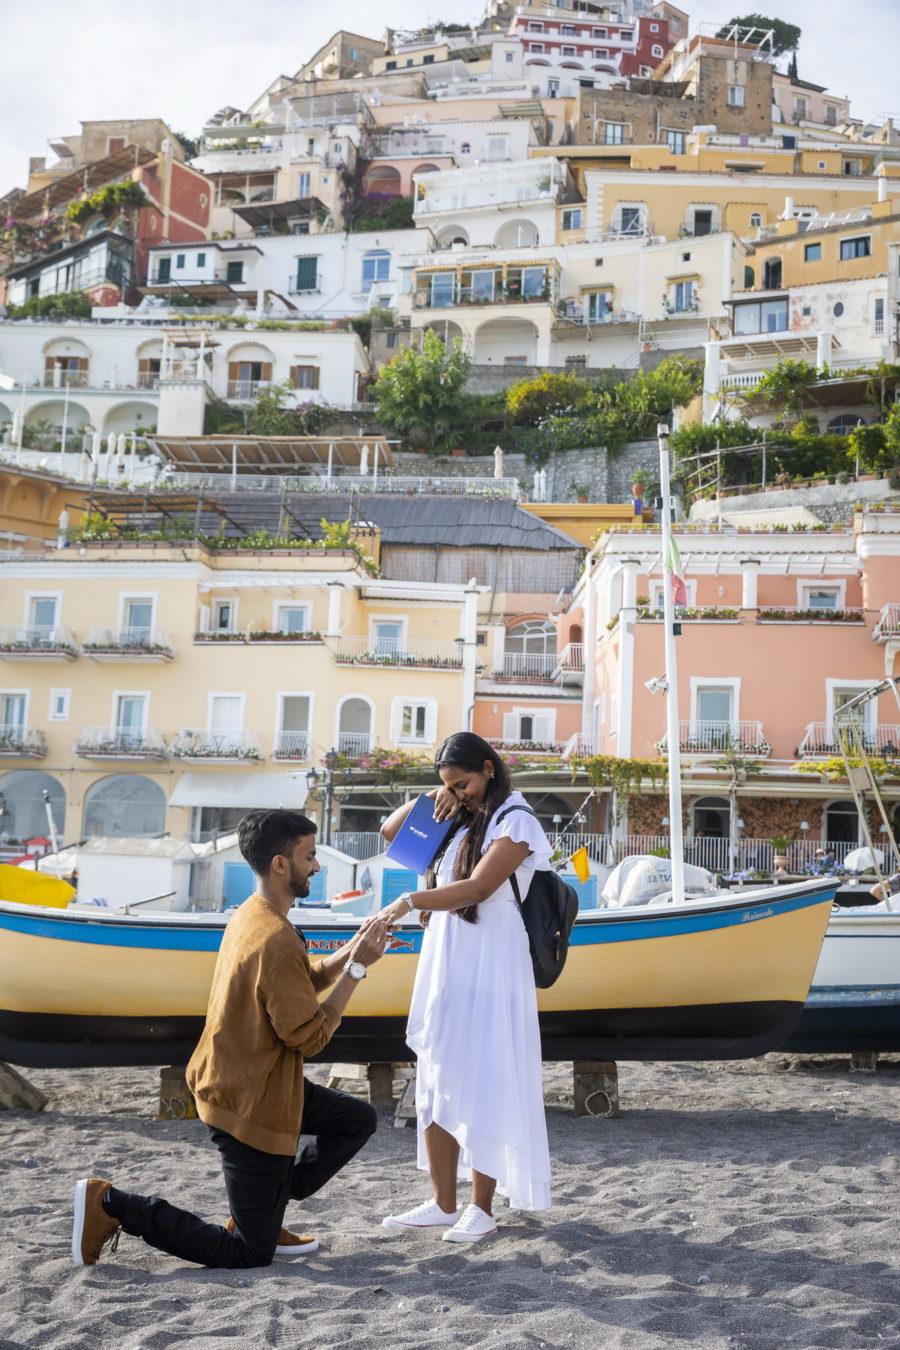 Picture-Perfect Wedding Proposal in Positano Andrea Matone04